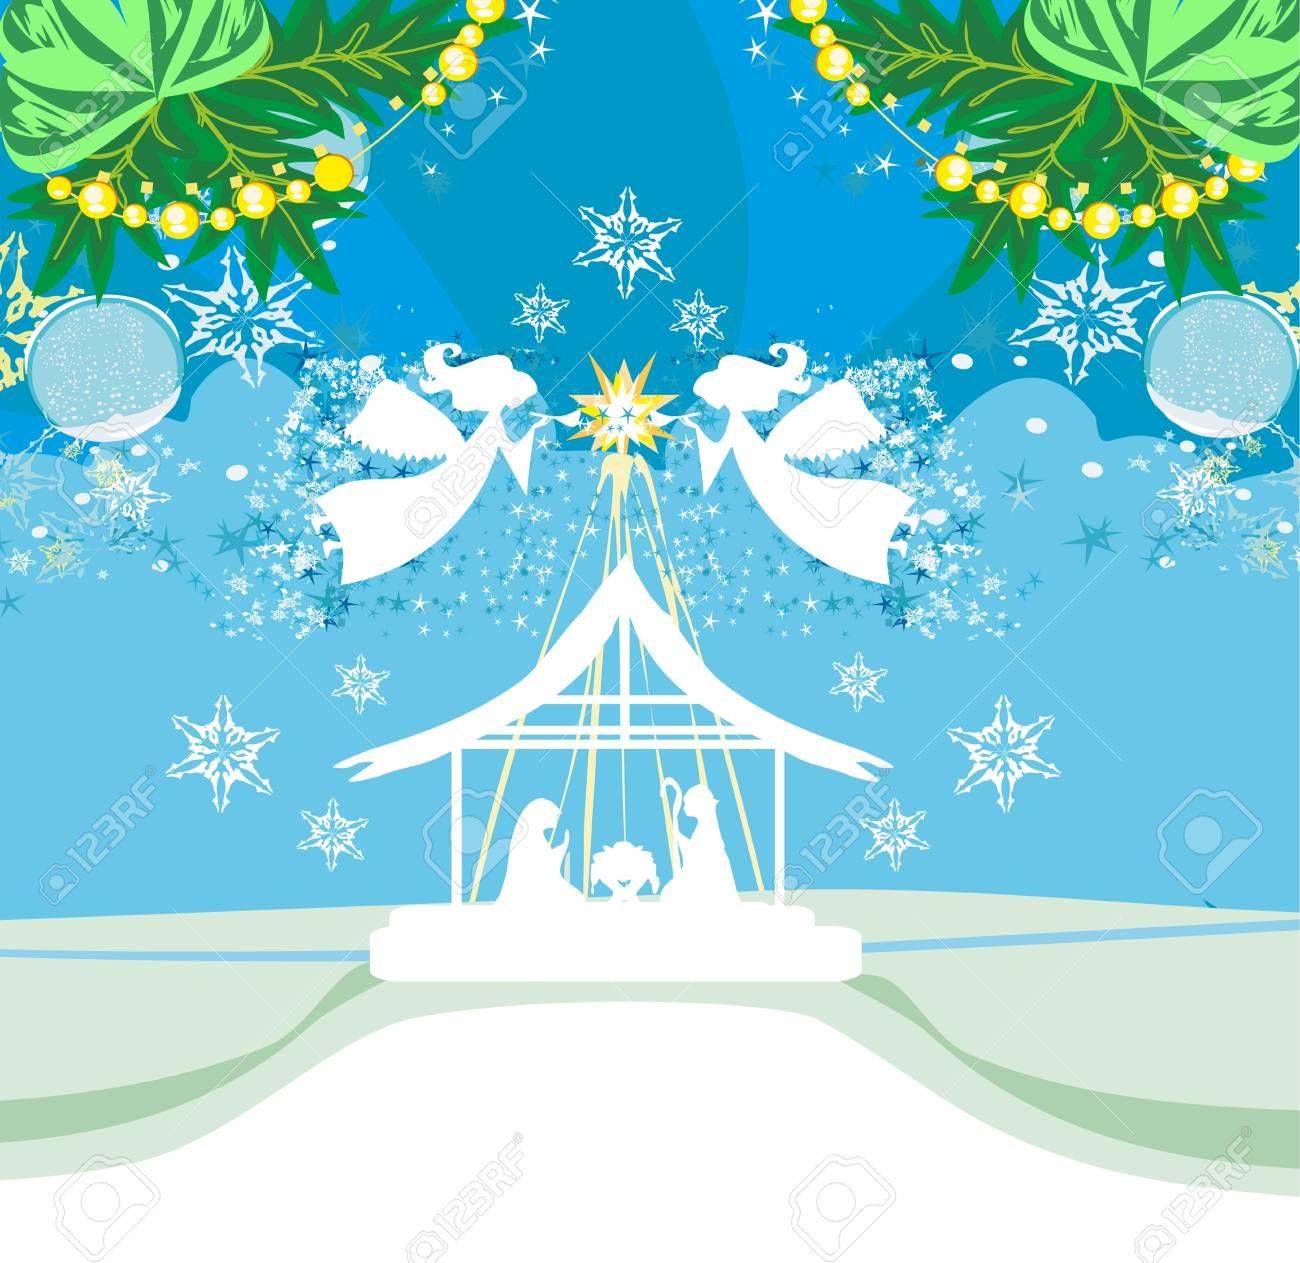 Christmas Angels.Christmas Angels Christmas Religious Nativity Scene Card